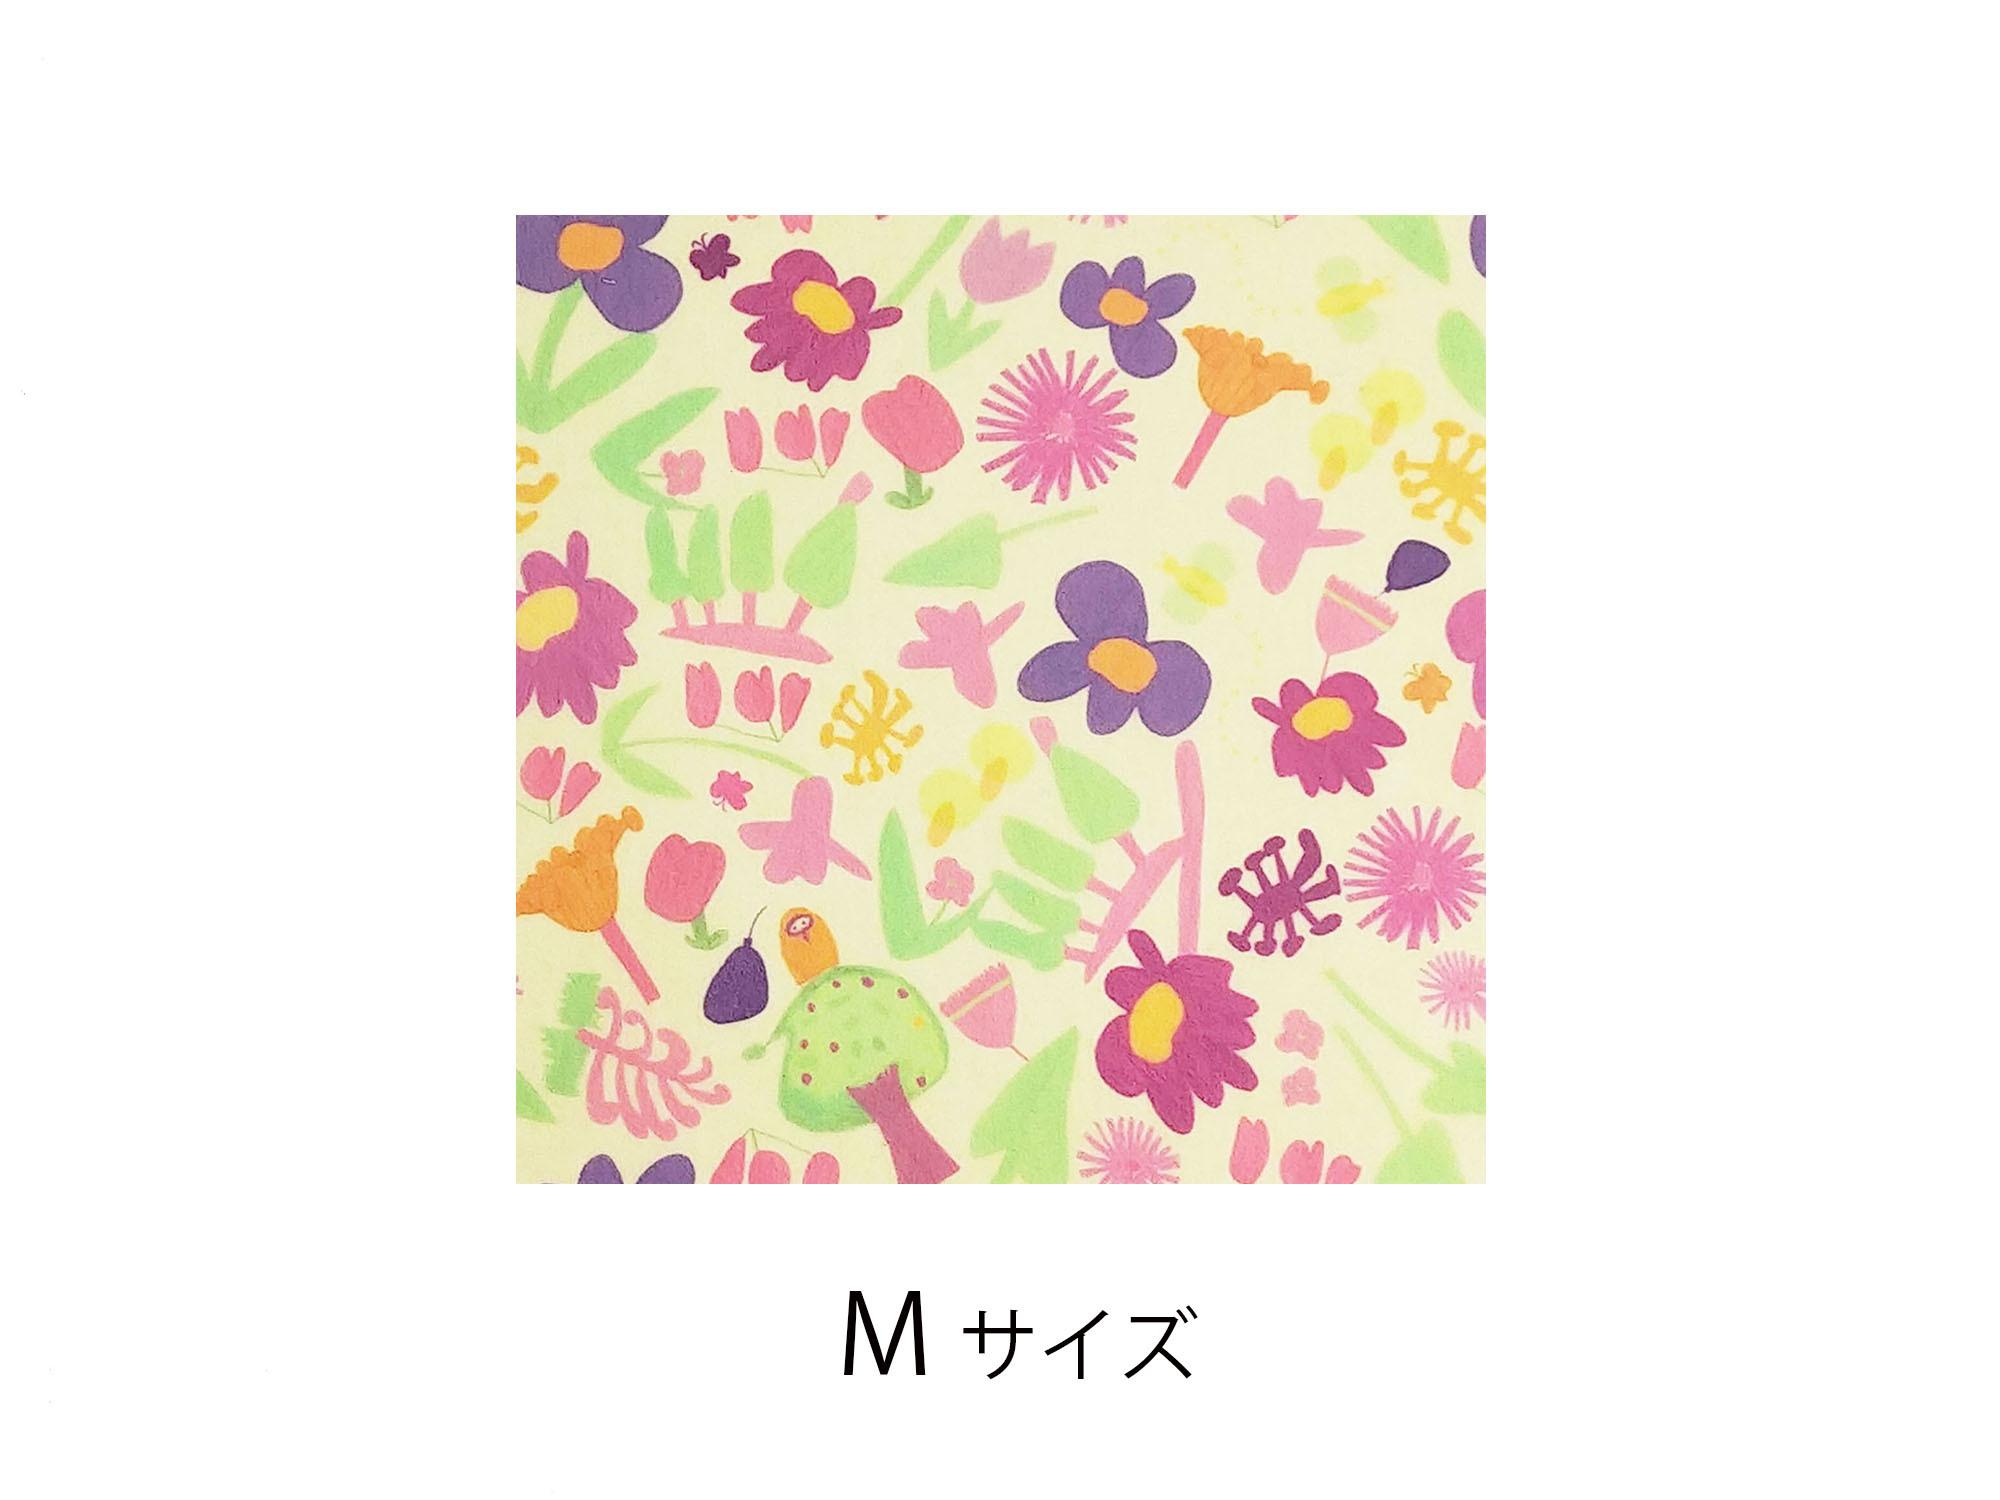 tsu tsu mi / M 27cm / mori to hana